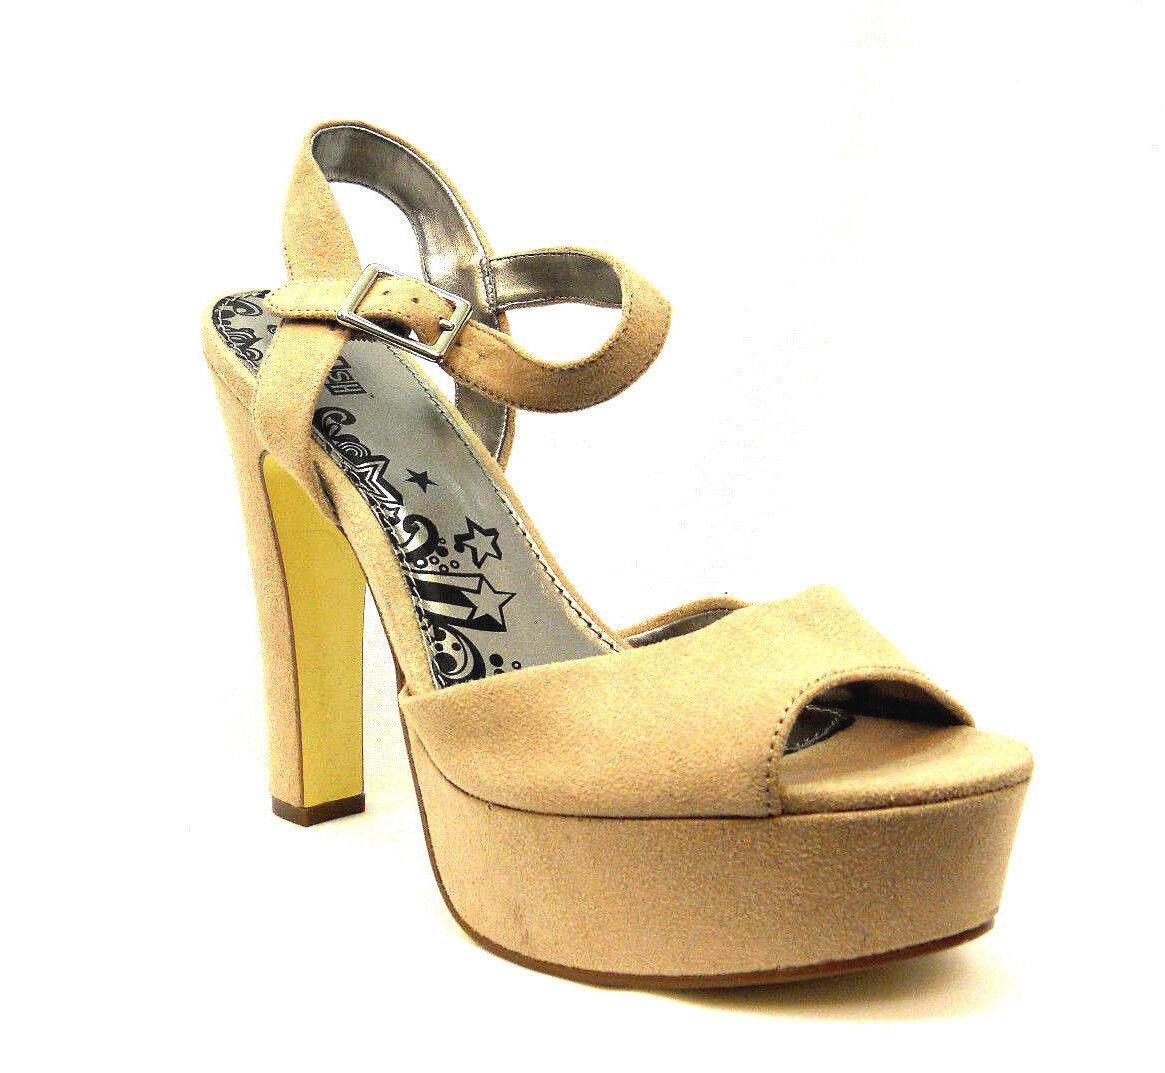 Brash Women's Suede Platform Heels Open-Toe Beige Size 10 (M)